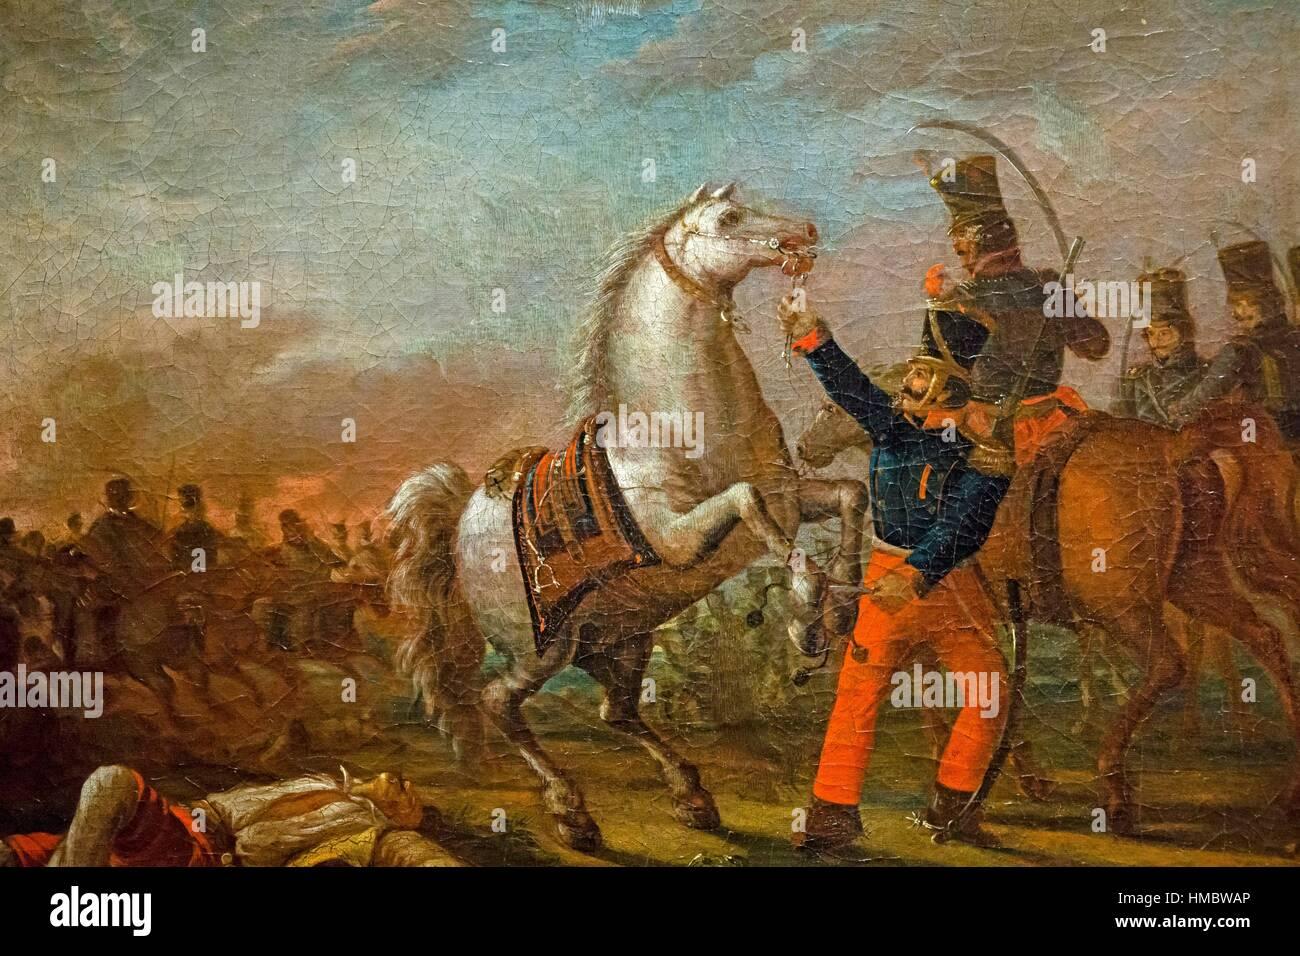 Carlos Morel, Carga de caballeria (Federal army cavalry charge), 1829, oil on canvas, Museo Nacional de Bellas Artes - Stock Image